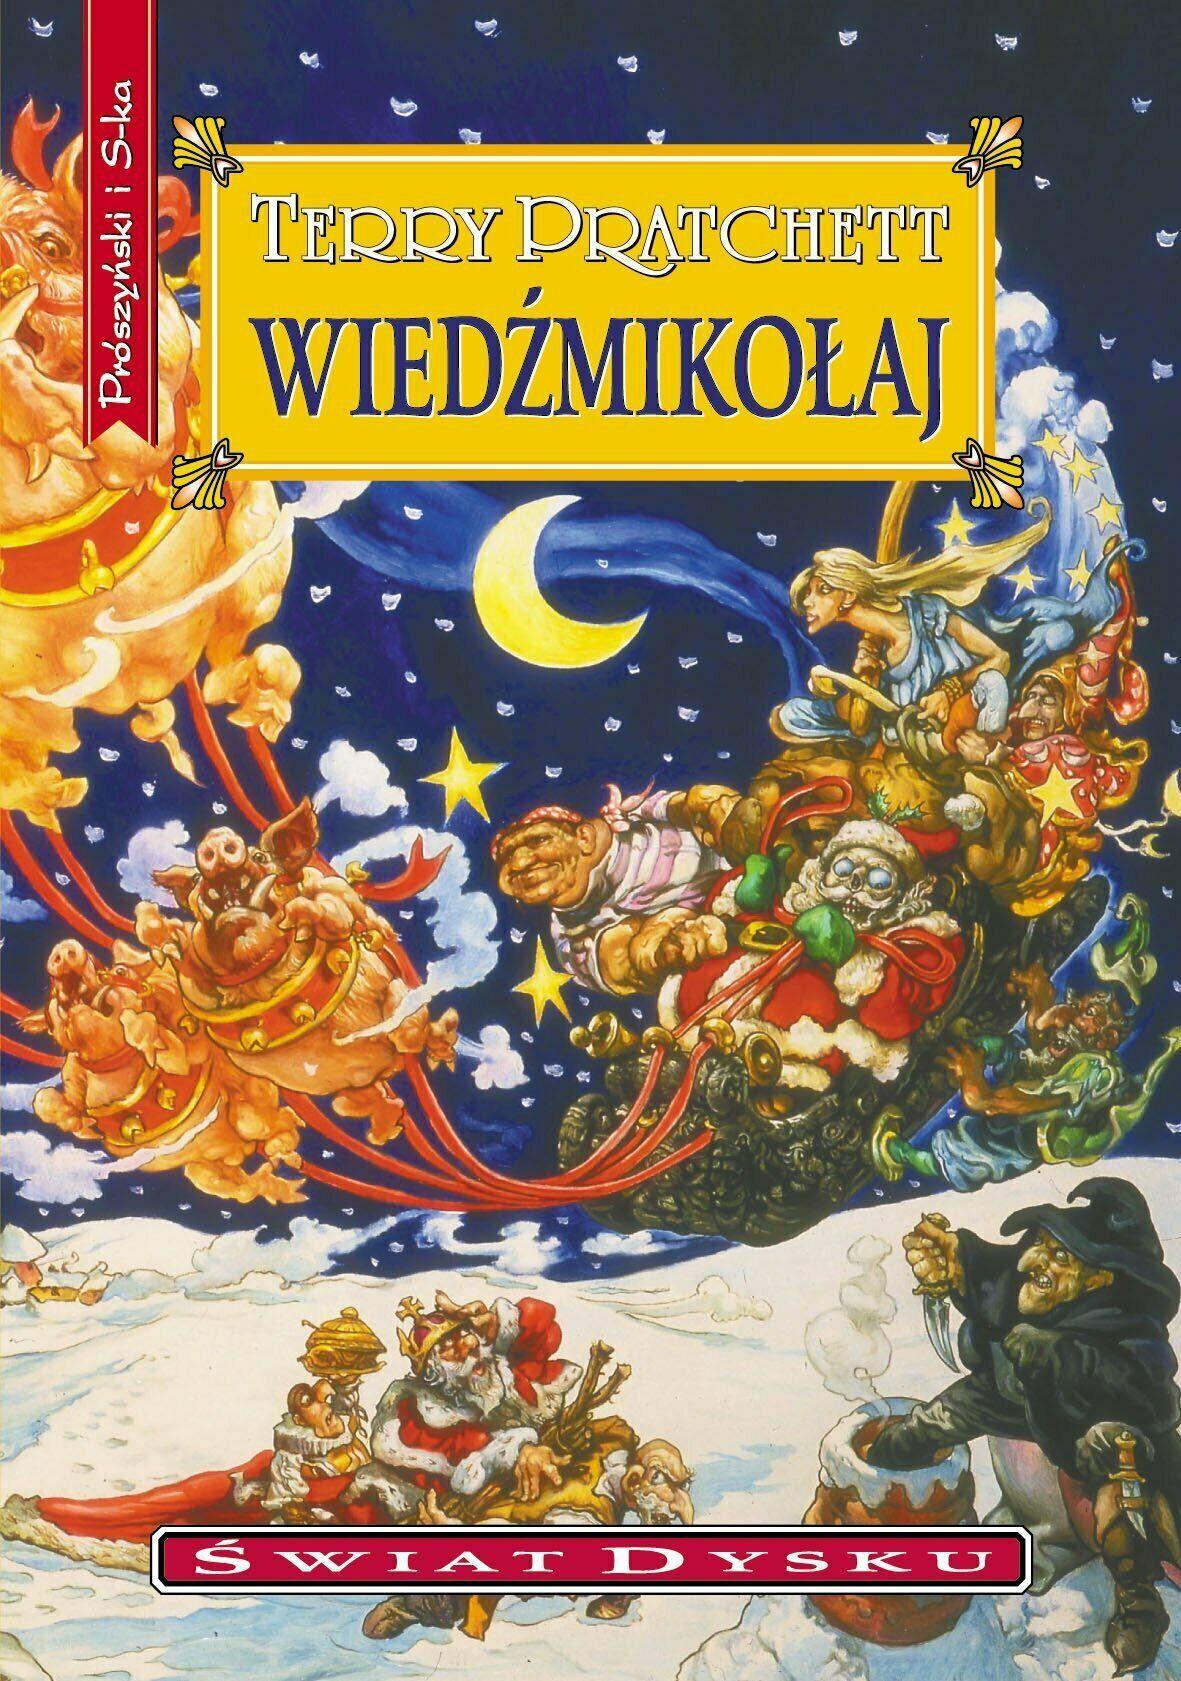 Okładka powieści Wiedźmikołaj. Autor: Terry Pratchett